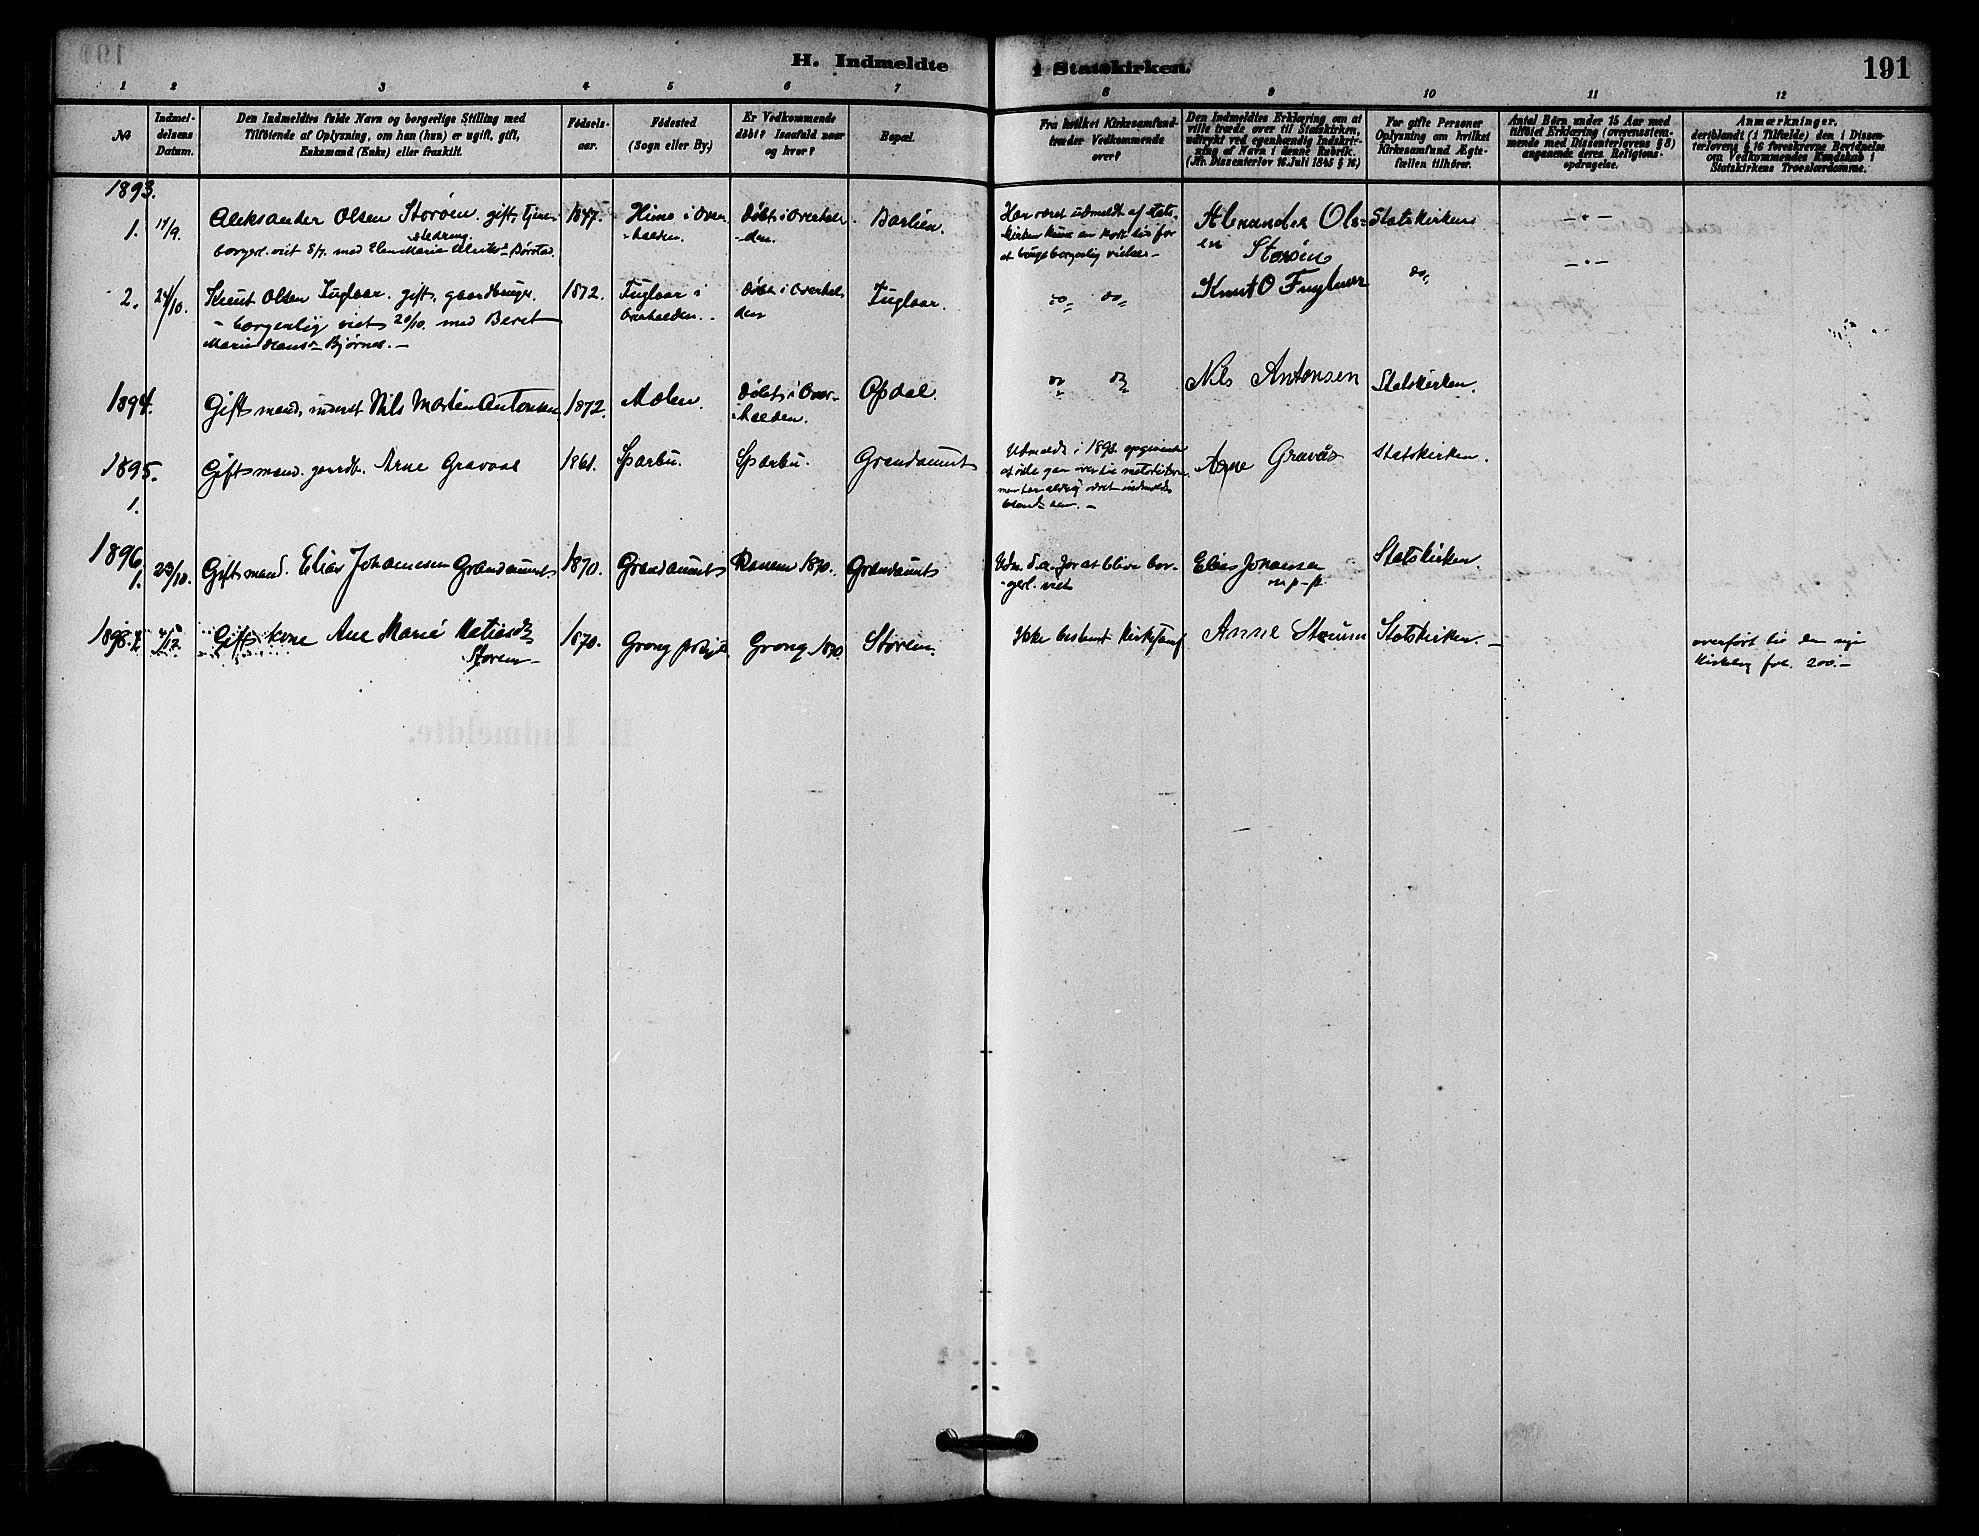 SAT, Ministerialprotokoller, klokkerbøker og fødselsregistre - Nord-Trøndelag, 764/L0555: Ministerialbok nr. 764A10, 1881-1896, s. 191